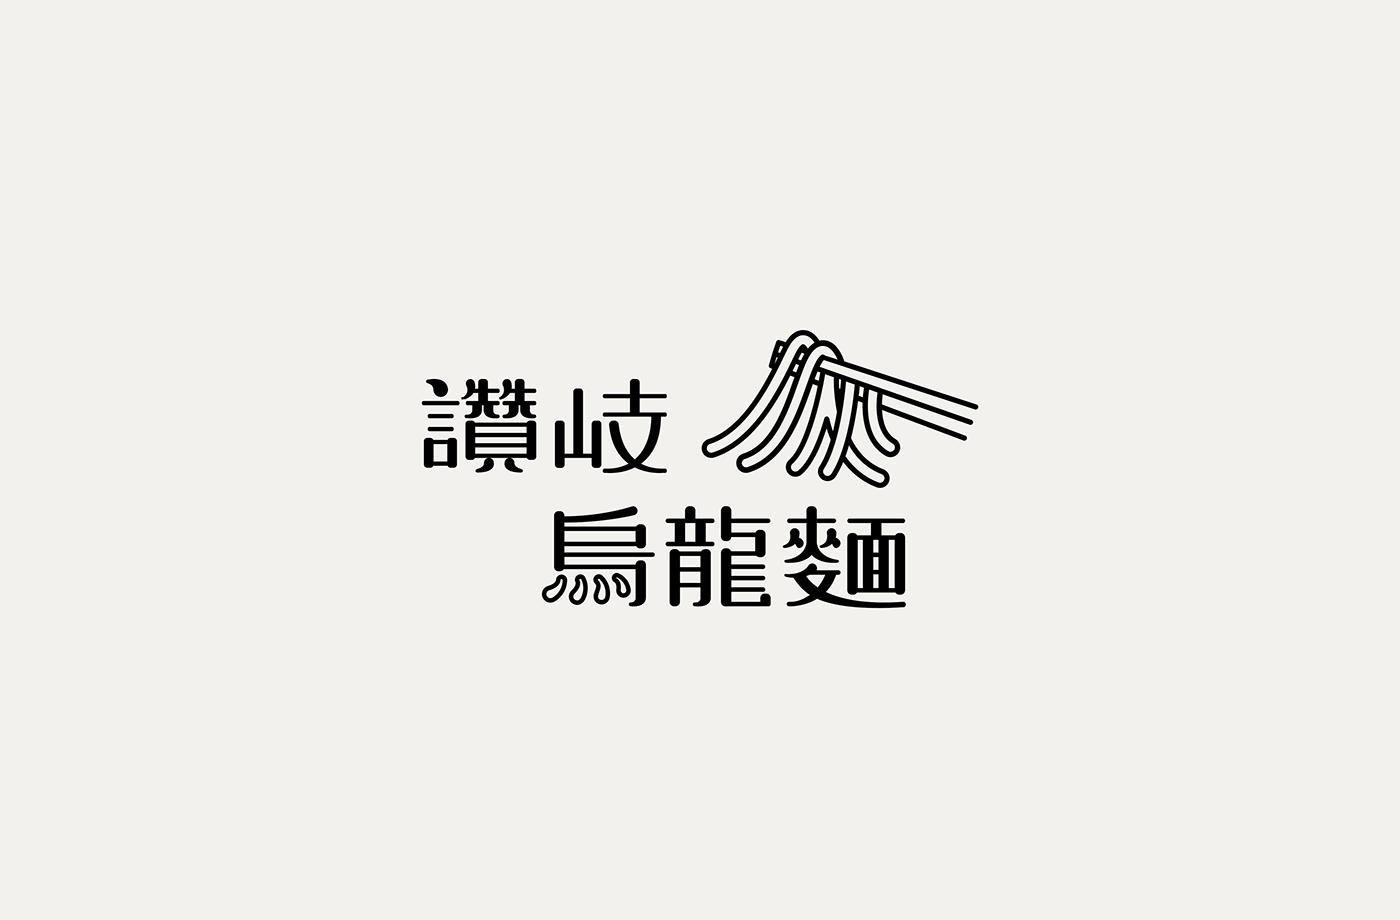 台湾设计师張文瑄字体设计作品